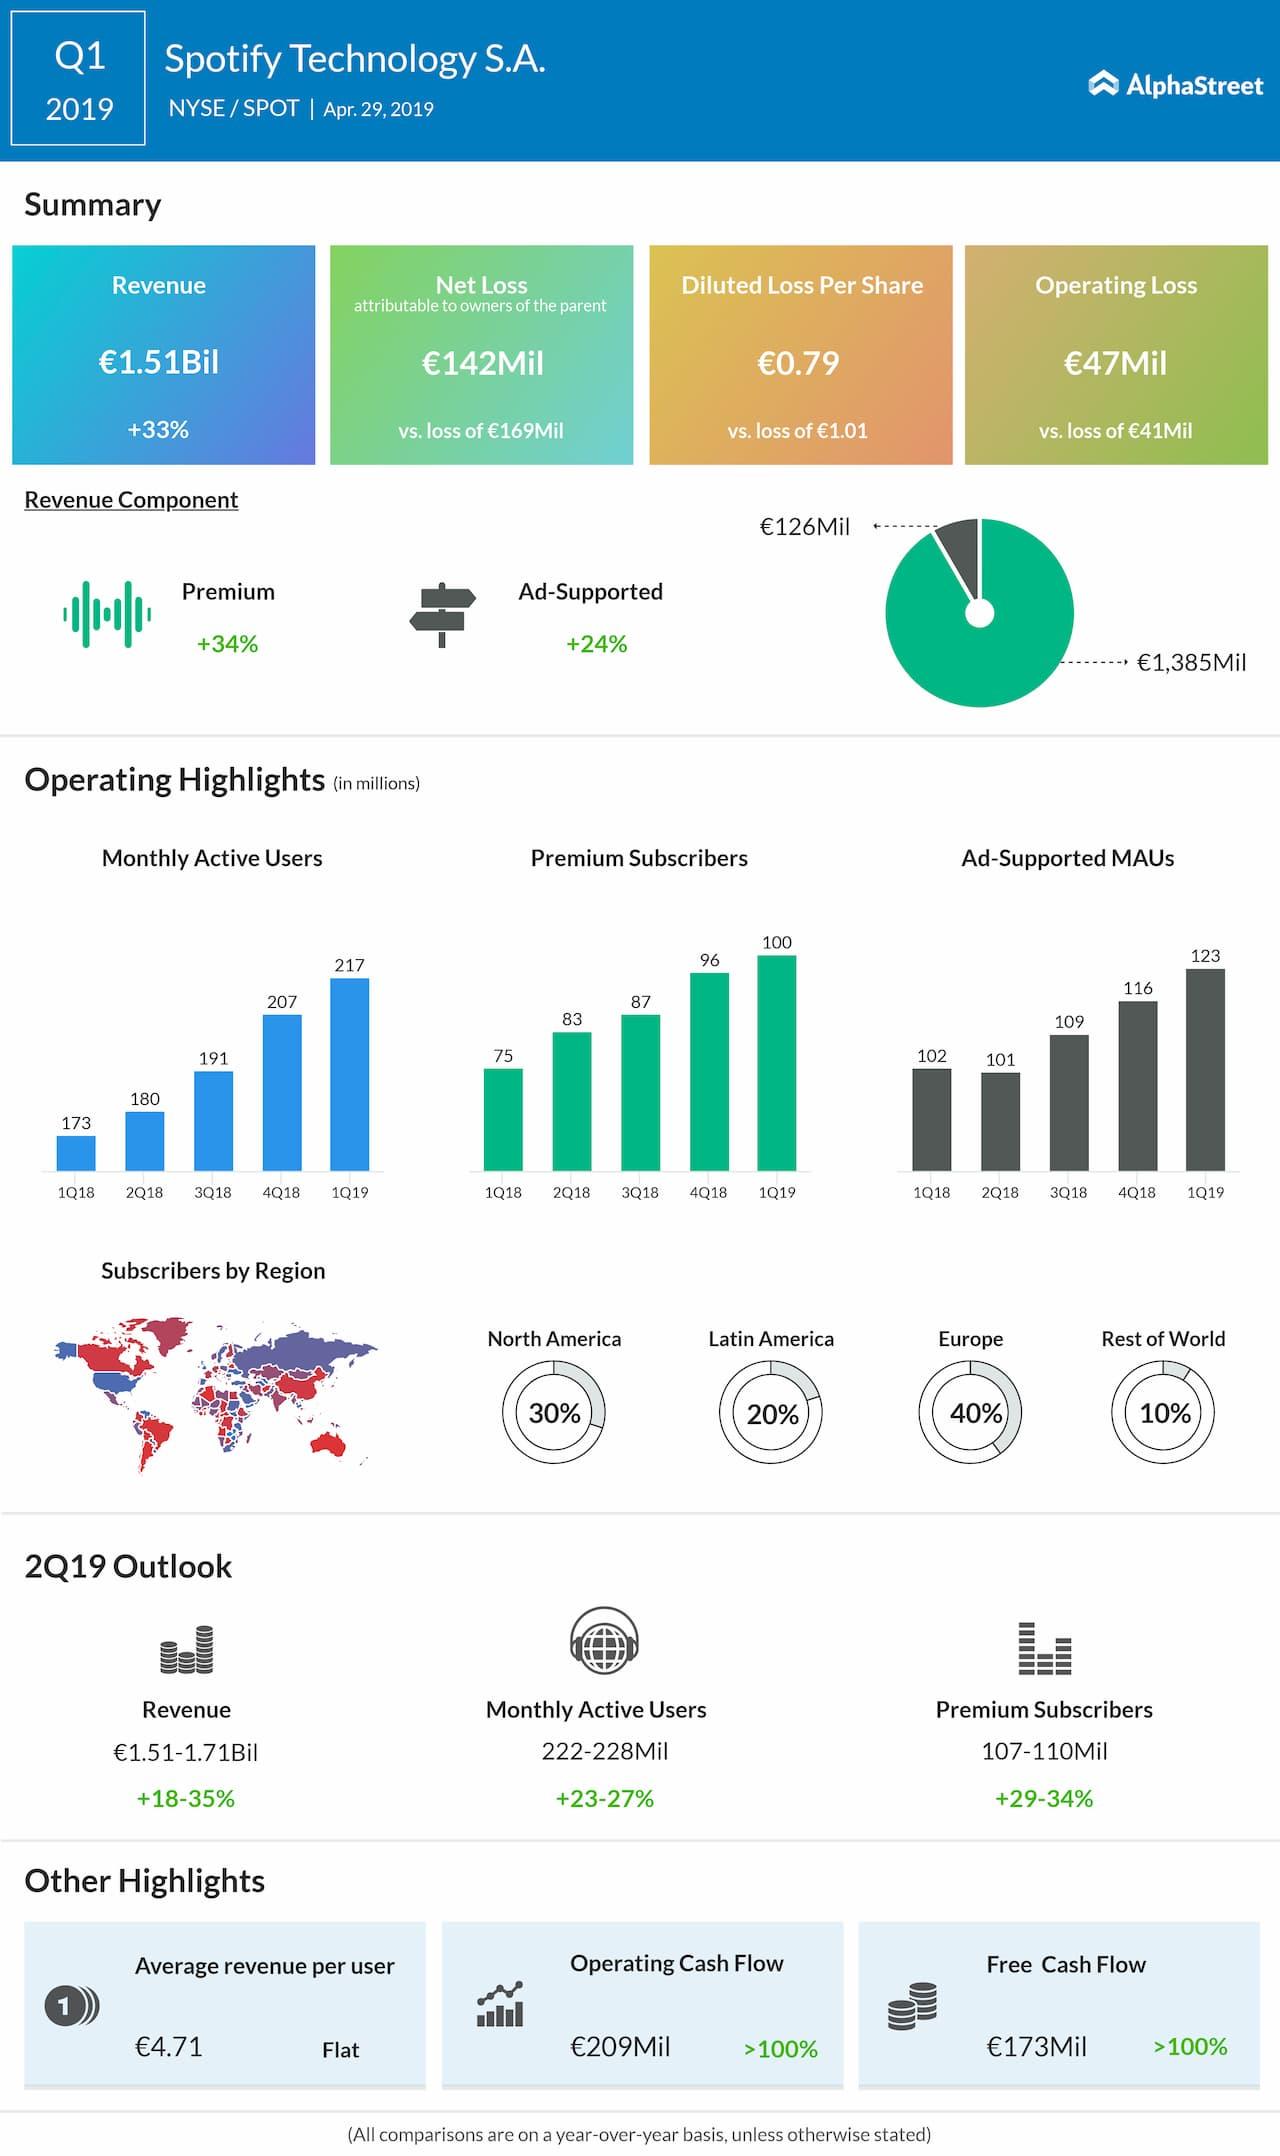 Spotify earnings Q1 2019 | AlphaStreet